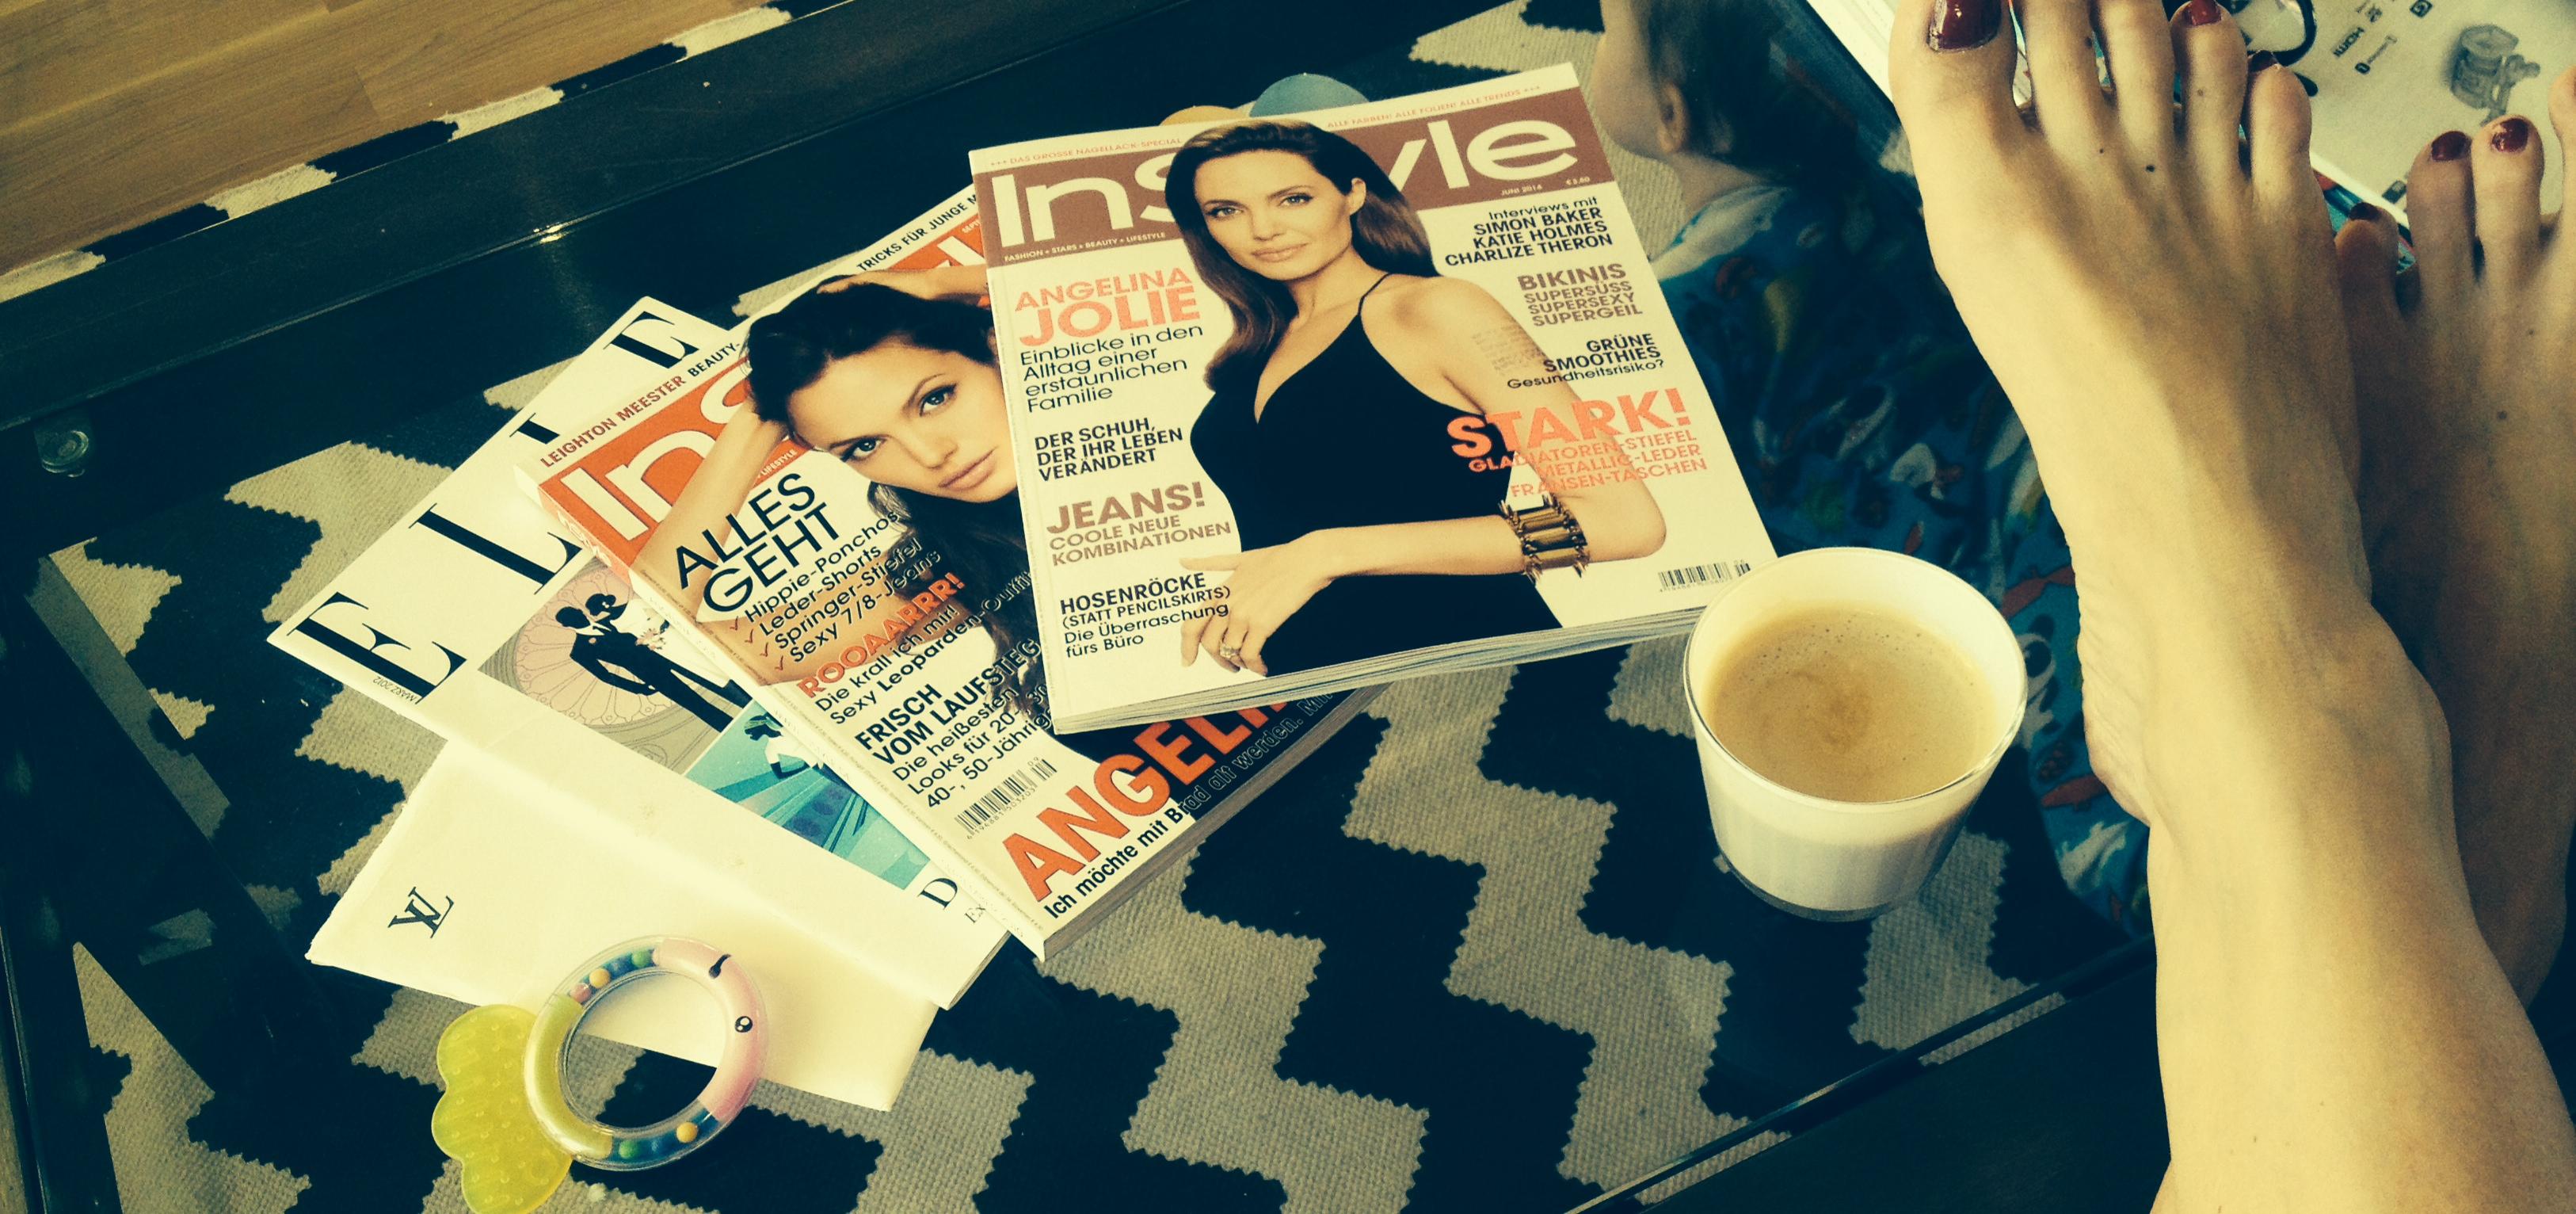 Momgagement Rolemodel <br> Angelina Jolie